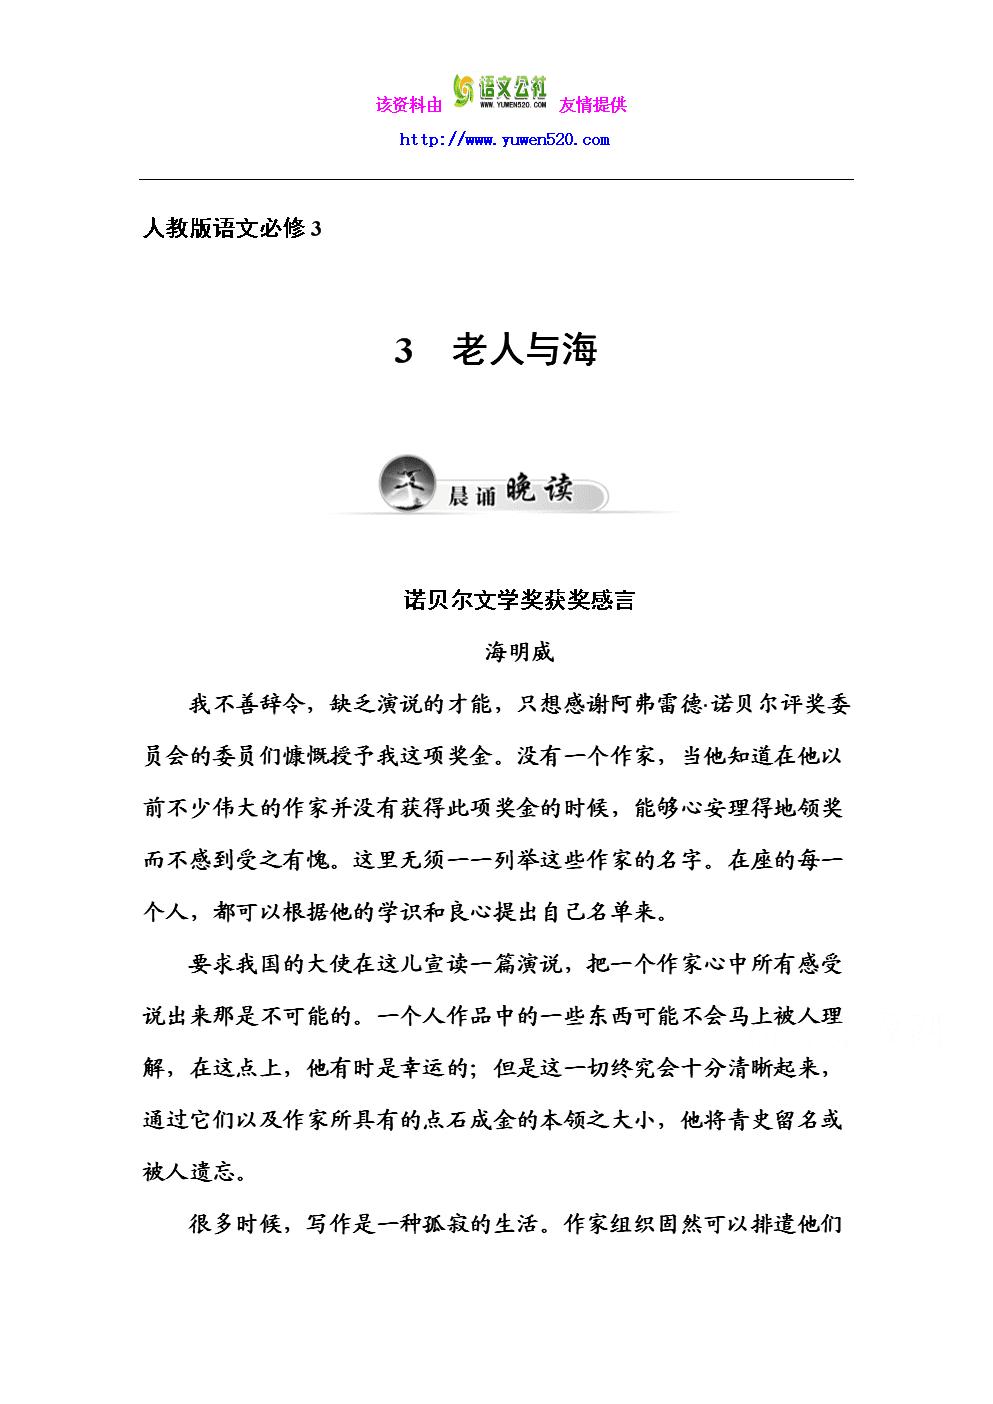 人教版语文必修三:第3课《老人与海》同步练习(含答案).doc